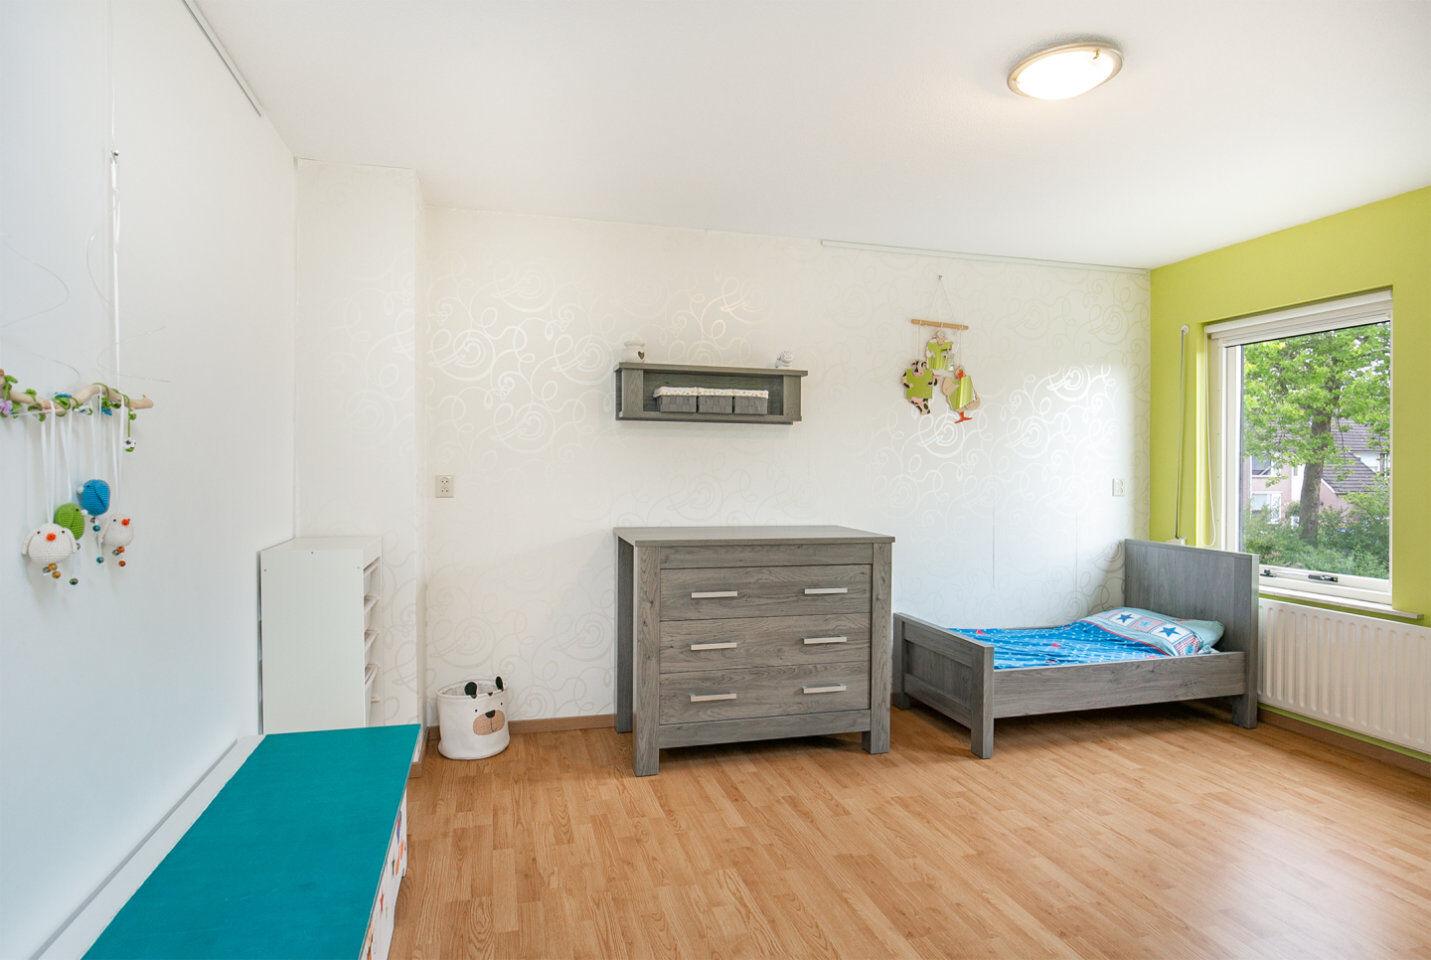 7415-lotharingen_1-steenbergen-3911874913